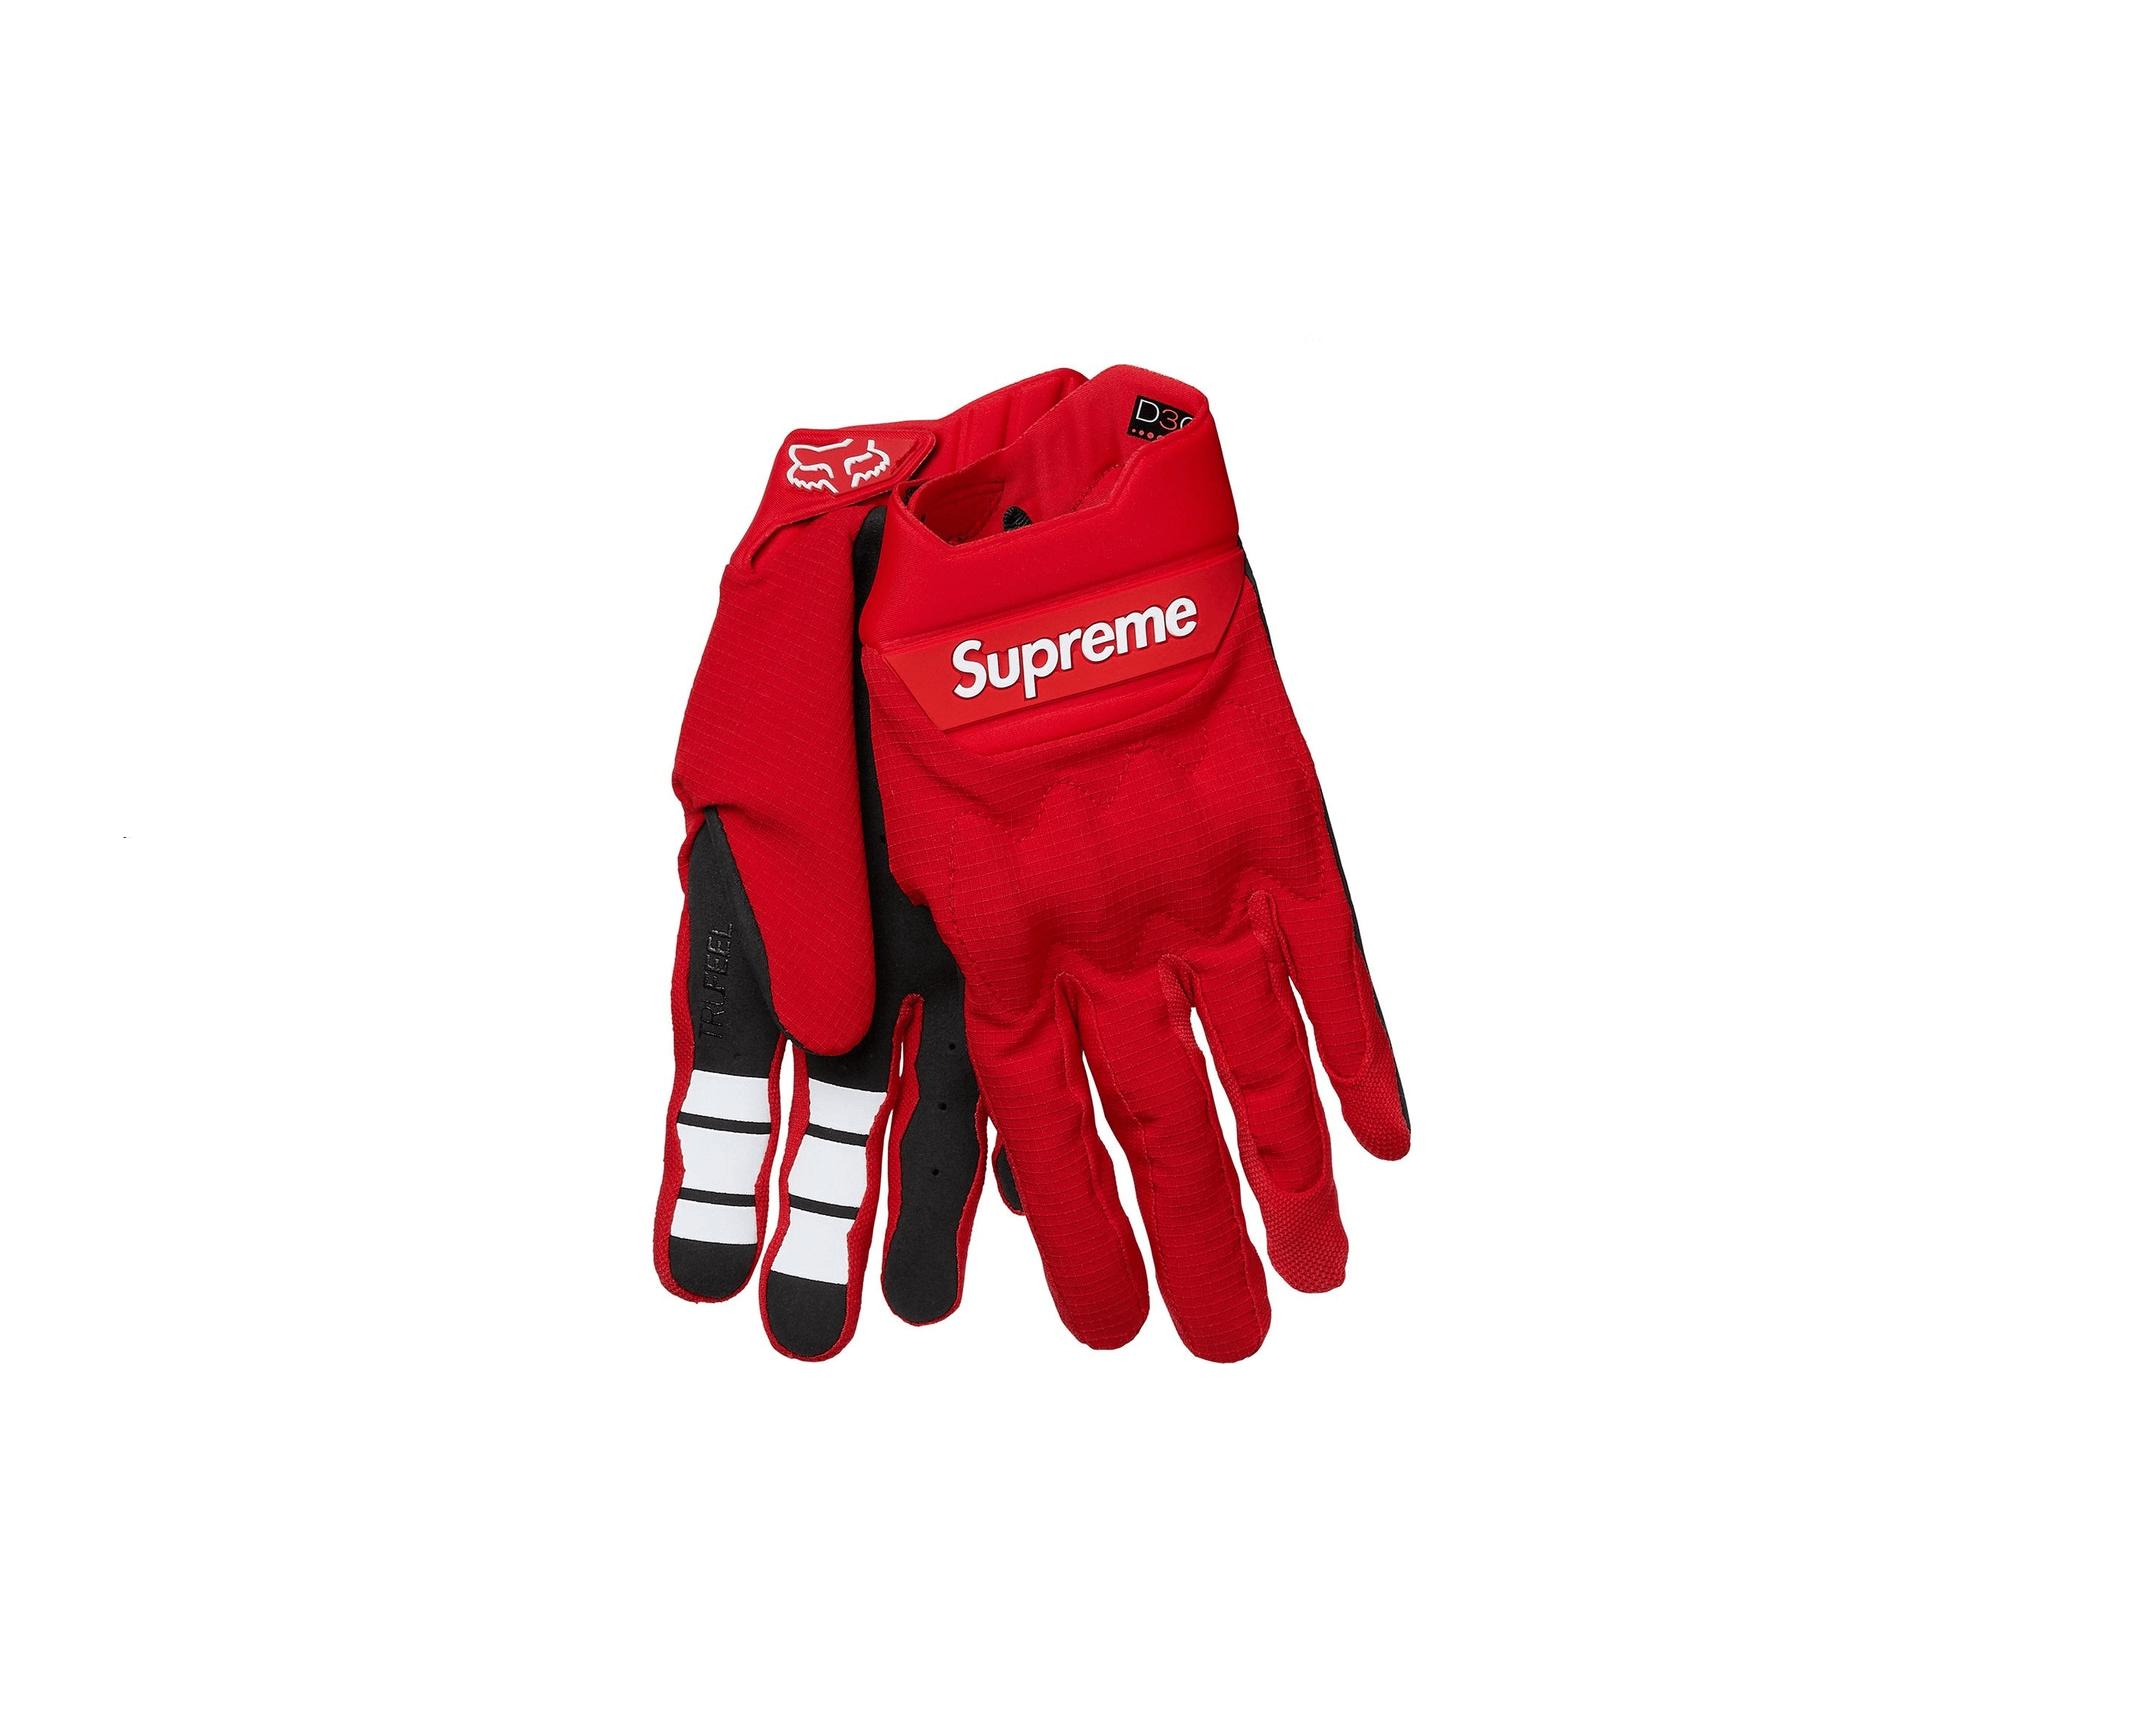 Supreme Fox Racing Gloves - Kerimago